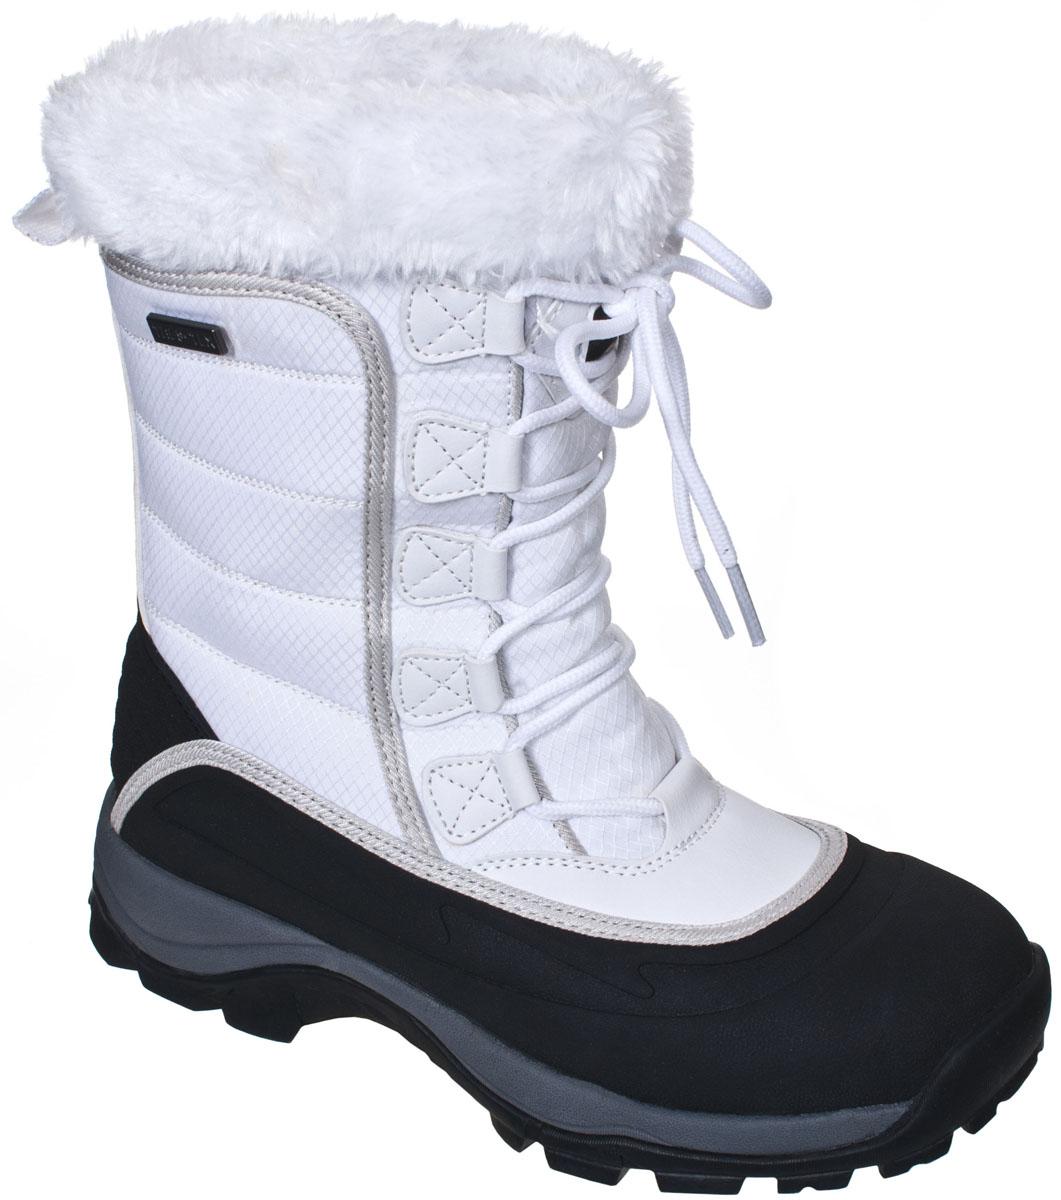 Ботинки трекинговые женские Trespass Stalagmite, цвет: белый, черный. FAFOBOJ20001. Размер 36FAFOBOJ20001Современные трекинговые женские ботинки Stalagmite от Trespass выполнены из текстильного водонепроницаемого материала и резины. Верхняя часть голенища оформлена меховой оторочкой. Специальное покрытие эффективно обеспечивает сухость и комфорт вашим ногам. Подкладка и стелька из текстиля комфортны при движении. Шнуровка надежно зафиксирует модель на ноге. Подошва дополнена рифлением.